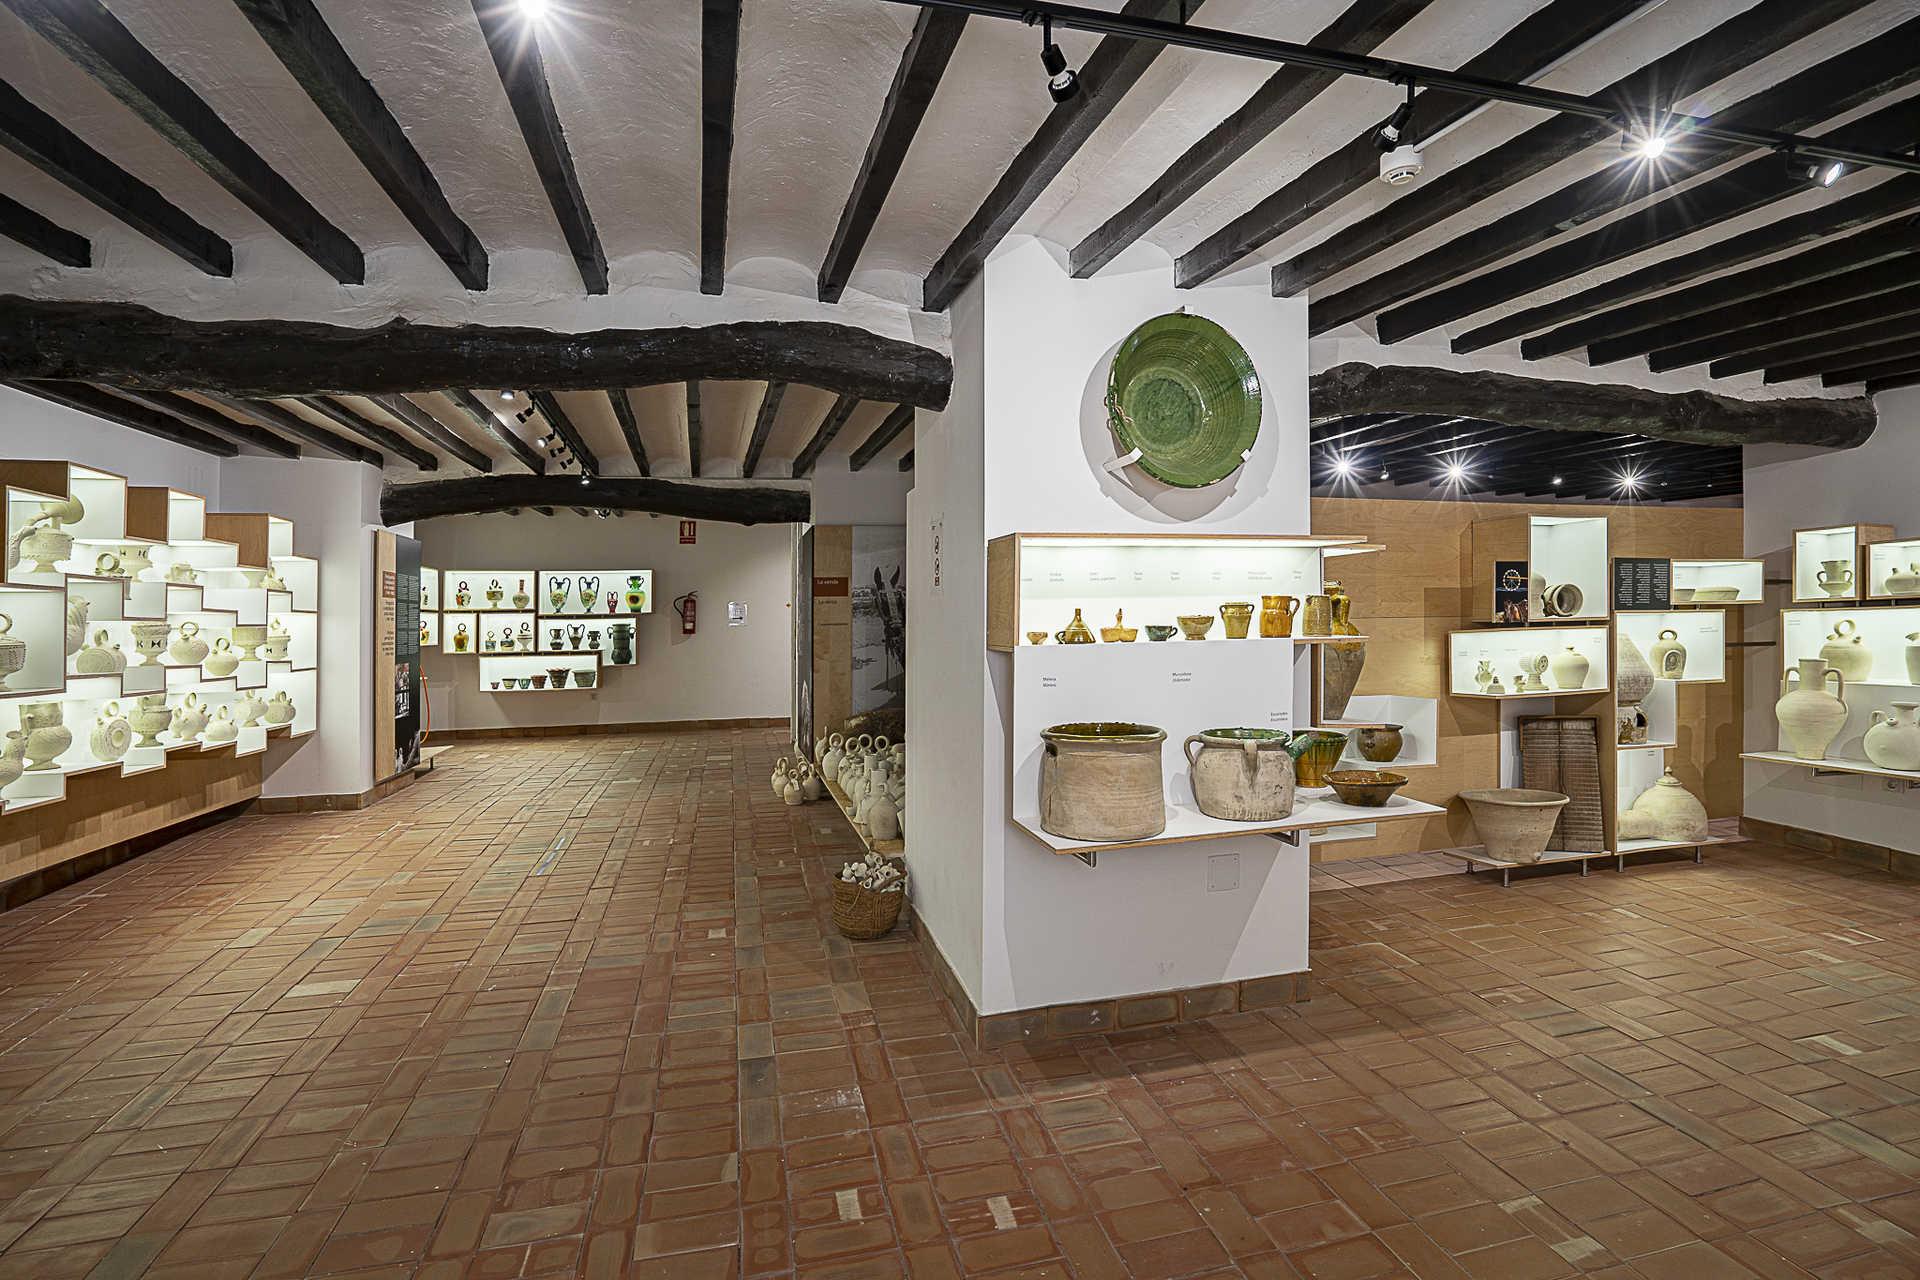 El Instituto Gil-Albert inaugura un ciclo sobre los museos locales para divulgar el patrimonio cultural de la provincia